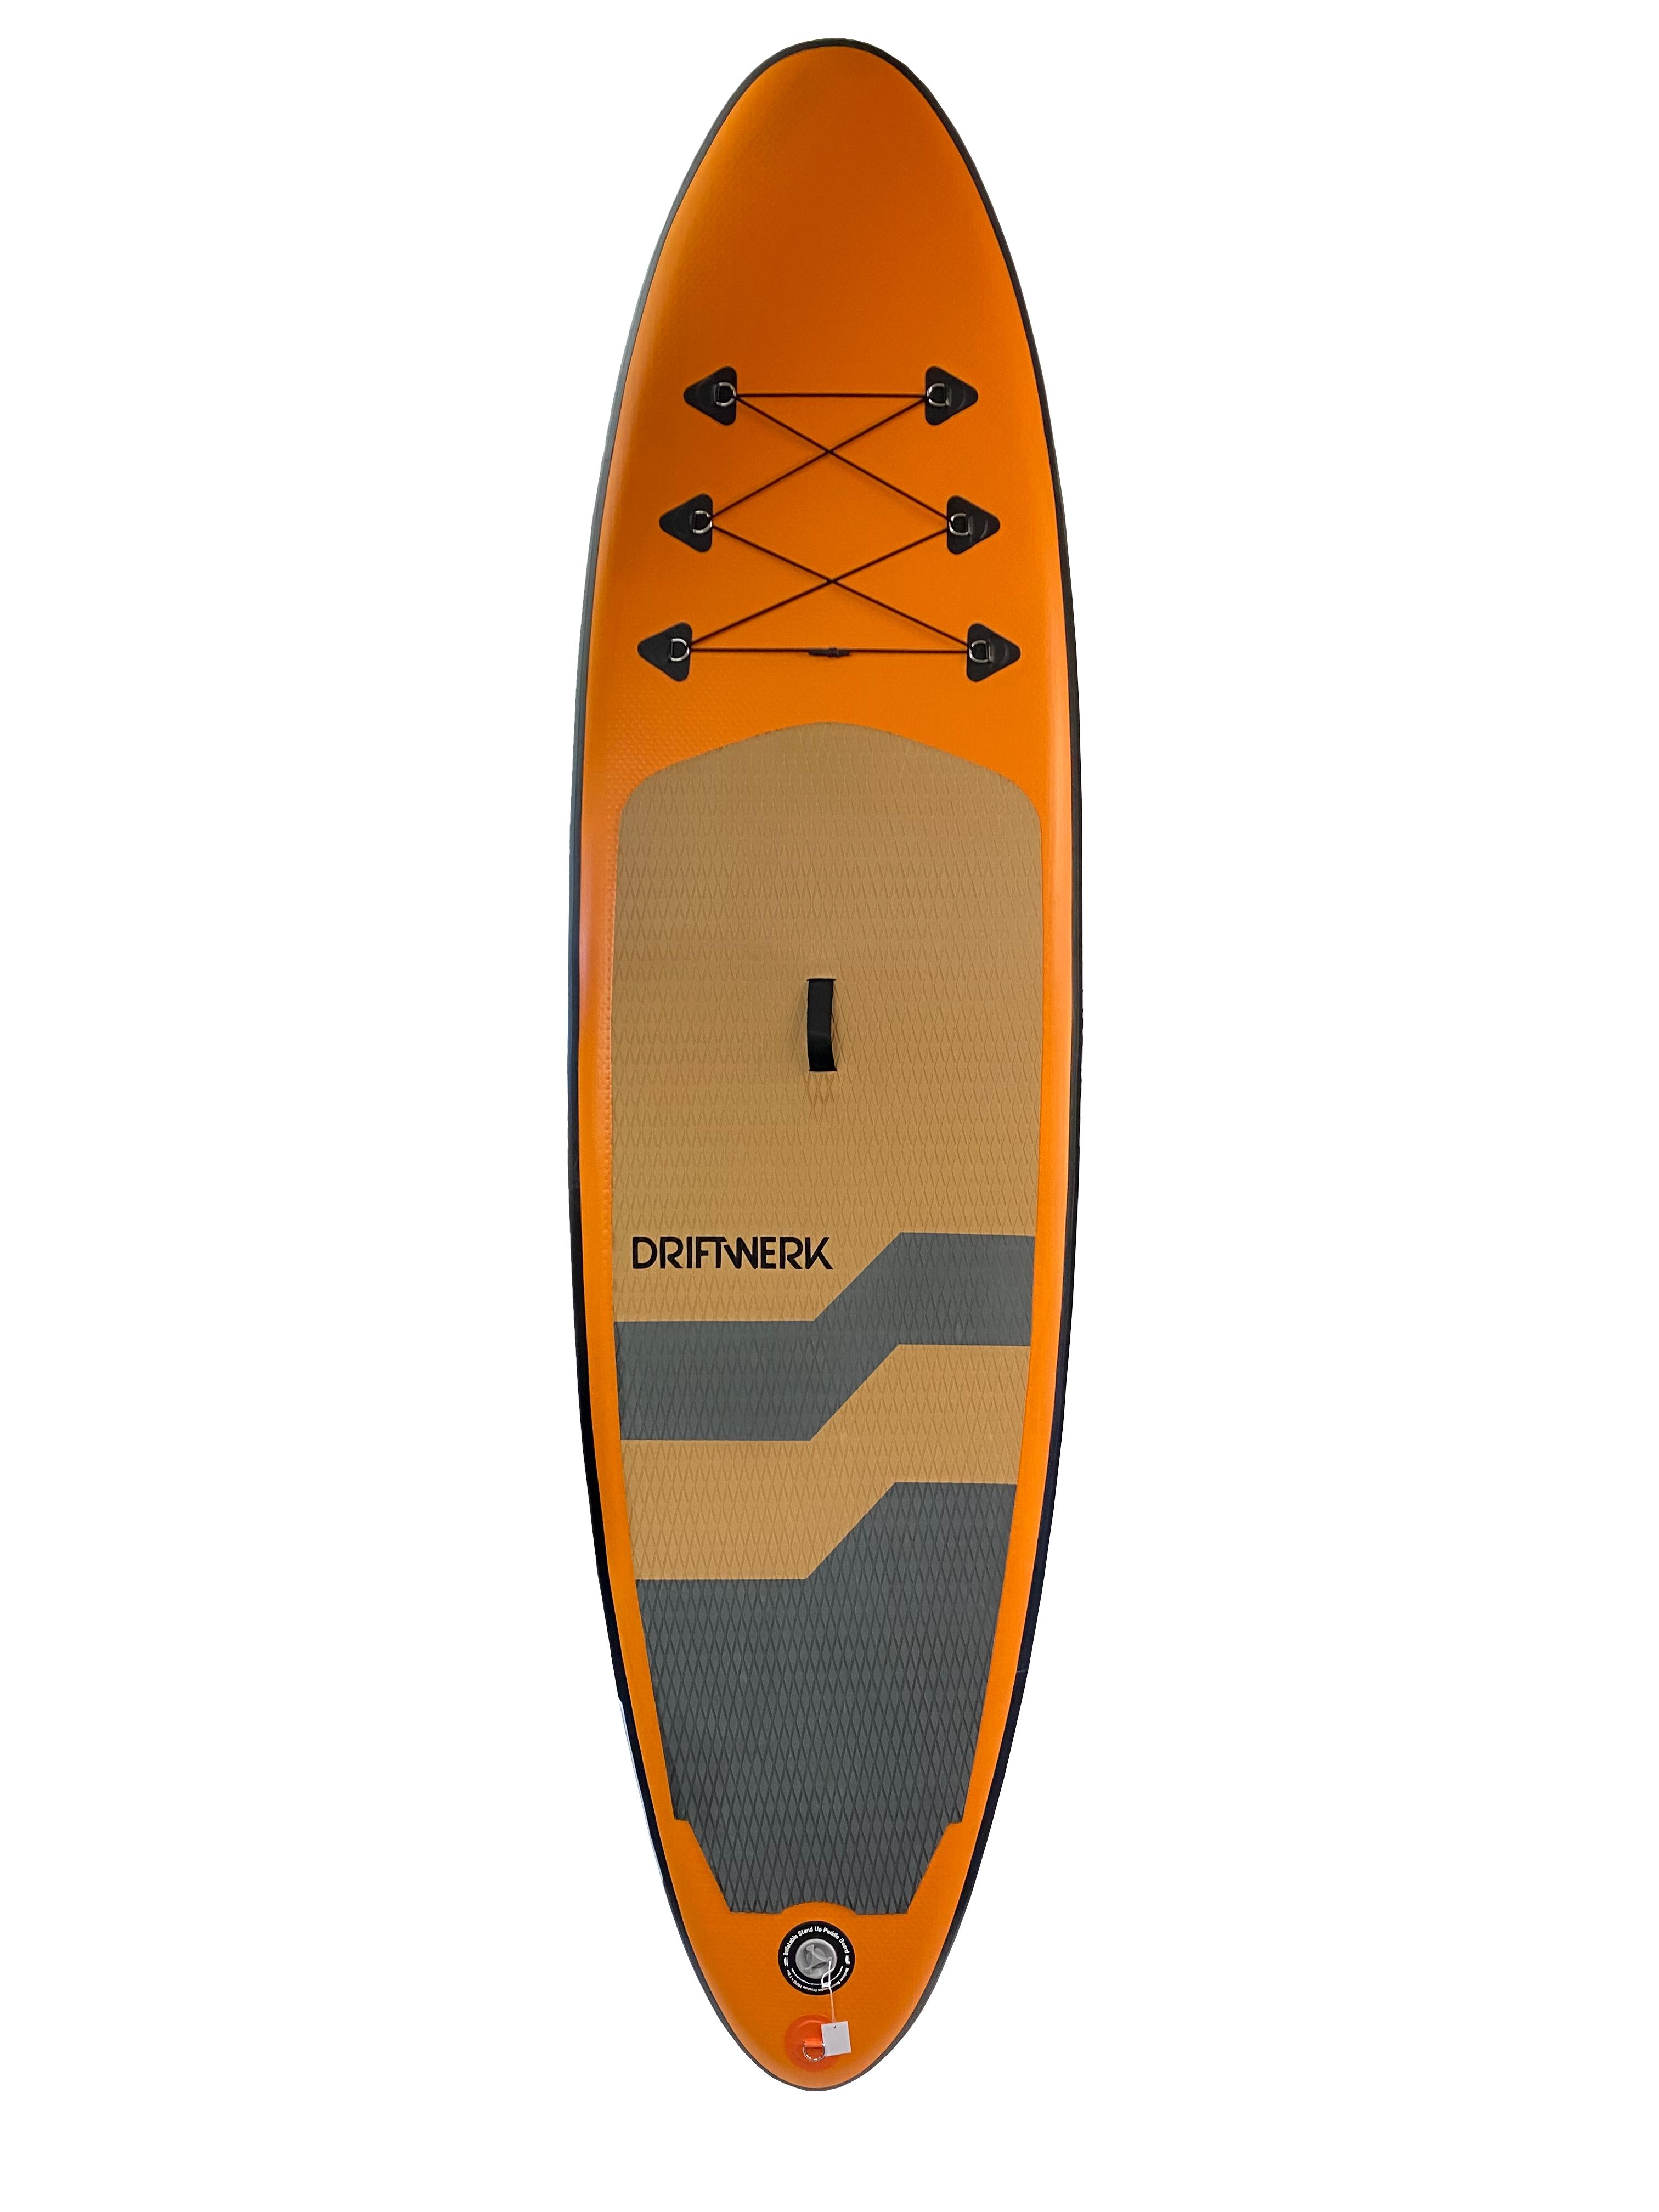 Driftwerk Nautic SUP Orange